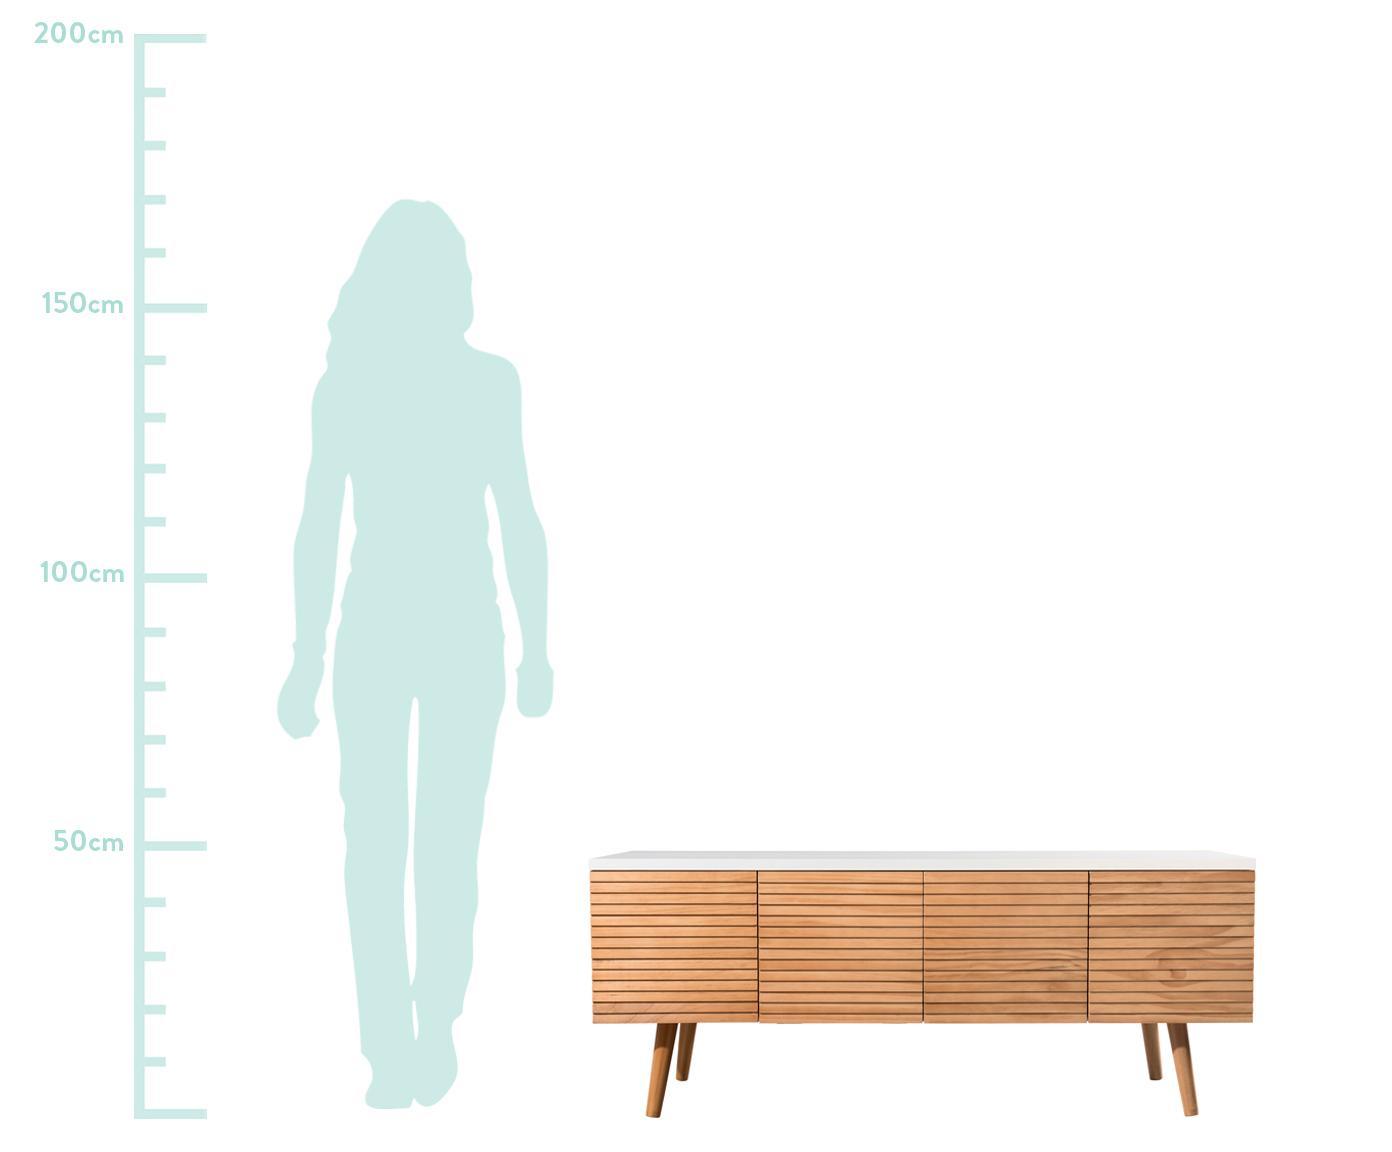 Szafka RTV z drzwiczkami Pedro, Korpus: płyta pilśniowa średniej , Biały, drewno sosnowe, S 120 x W 48 cm